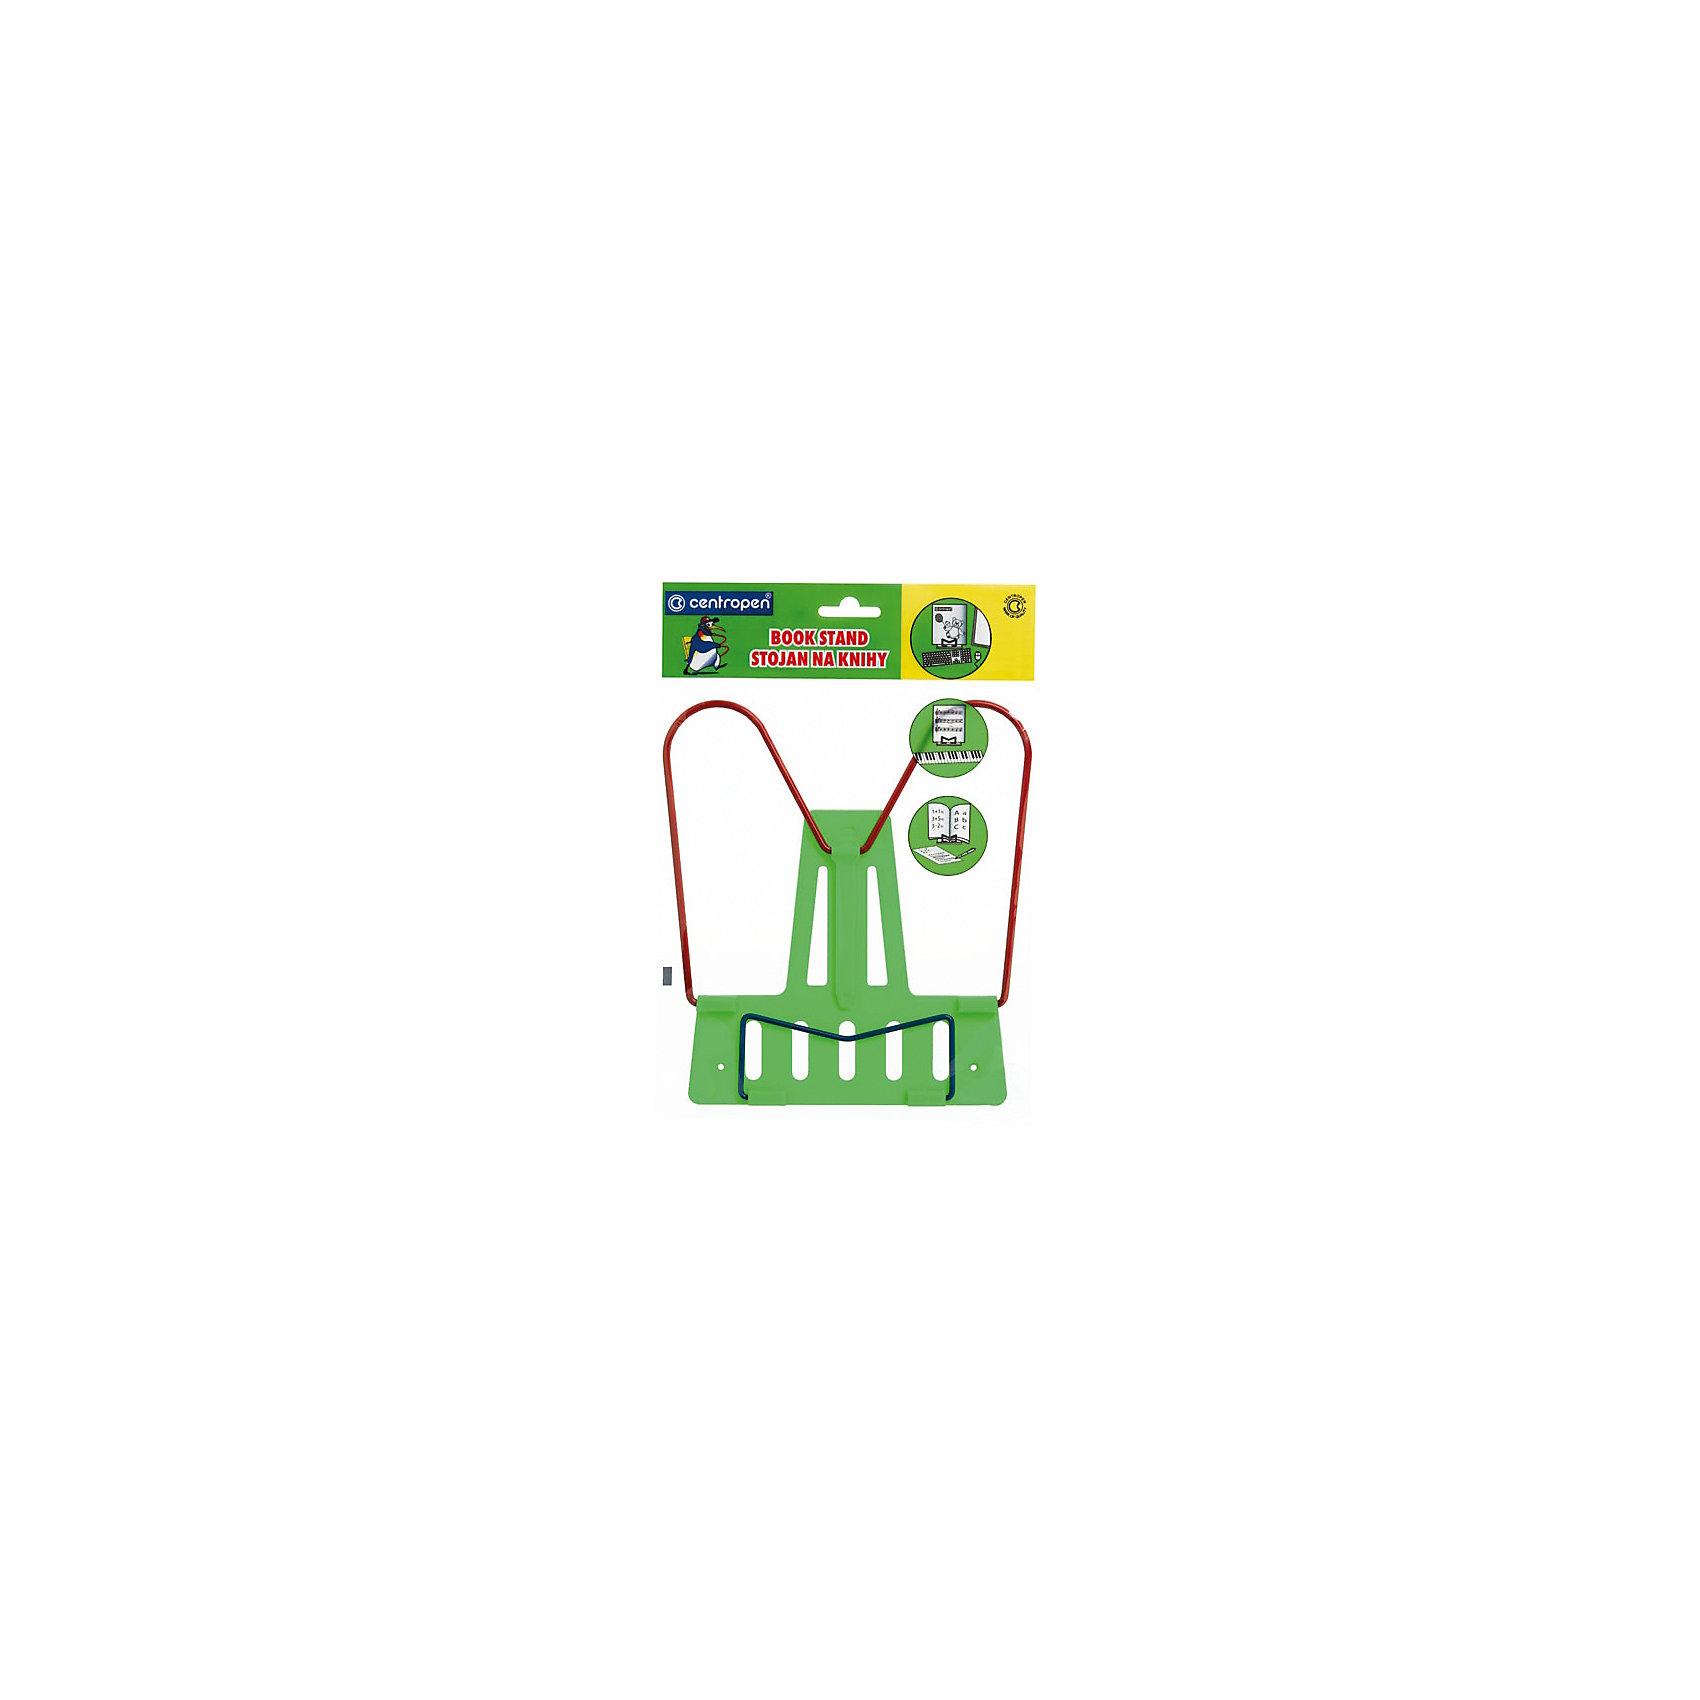 CENTROPEN Подставка для книгШкольные аксессуары<br>Характеристики товара:<br><br>• размер подставки: 8,59х17х15,5 см;<br>• материал: пластик, металл;<br>• цвет: зеленый;<br>• возраст: от 6 лет;<br>• размер упаковки: 3х16х16 см;<br>• вес: 116 грамм.<br><br>Подставка для книг - необходимый помощник в учебе. С ее помощью ребенок сможет удобно расположить книгу, чтобы руки были свободны для письменных заданий. Подставка имеет несколько углов наклона. Основание подставки изготовлено из пластика, а поддерживающая часть - из металла. <br><br>CENTROPEN (Центропен) Подставку для книг можно купить в нашем интернет-магазине.<br><br>Ширина мм: 160<br>Глубина мм: 160<br>Высота мм: 30<br>Вес г: 116<br>Возраст от месяцев: 36<br>Возраст до месяцев: 120<br>Пол: Унисекс<br>Возраст: Детский<br>SKU: 6858993